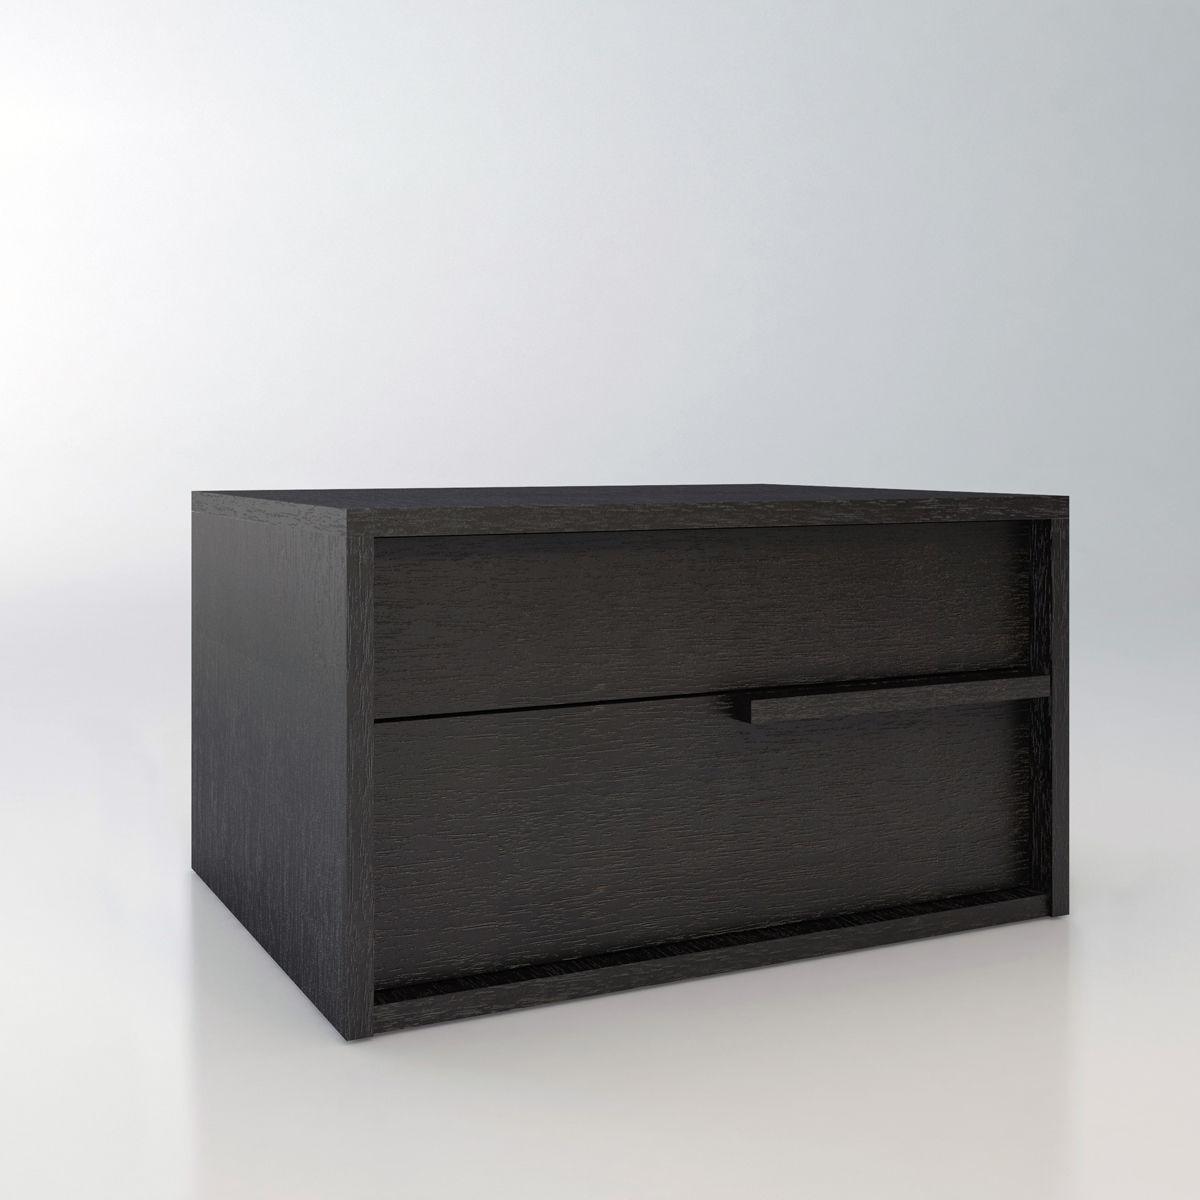 Table de chevet / contemporaine / en chêne / par Rodolfo Dordoni  CLOSE